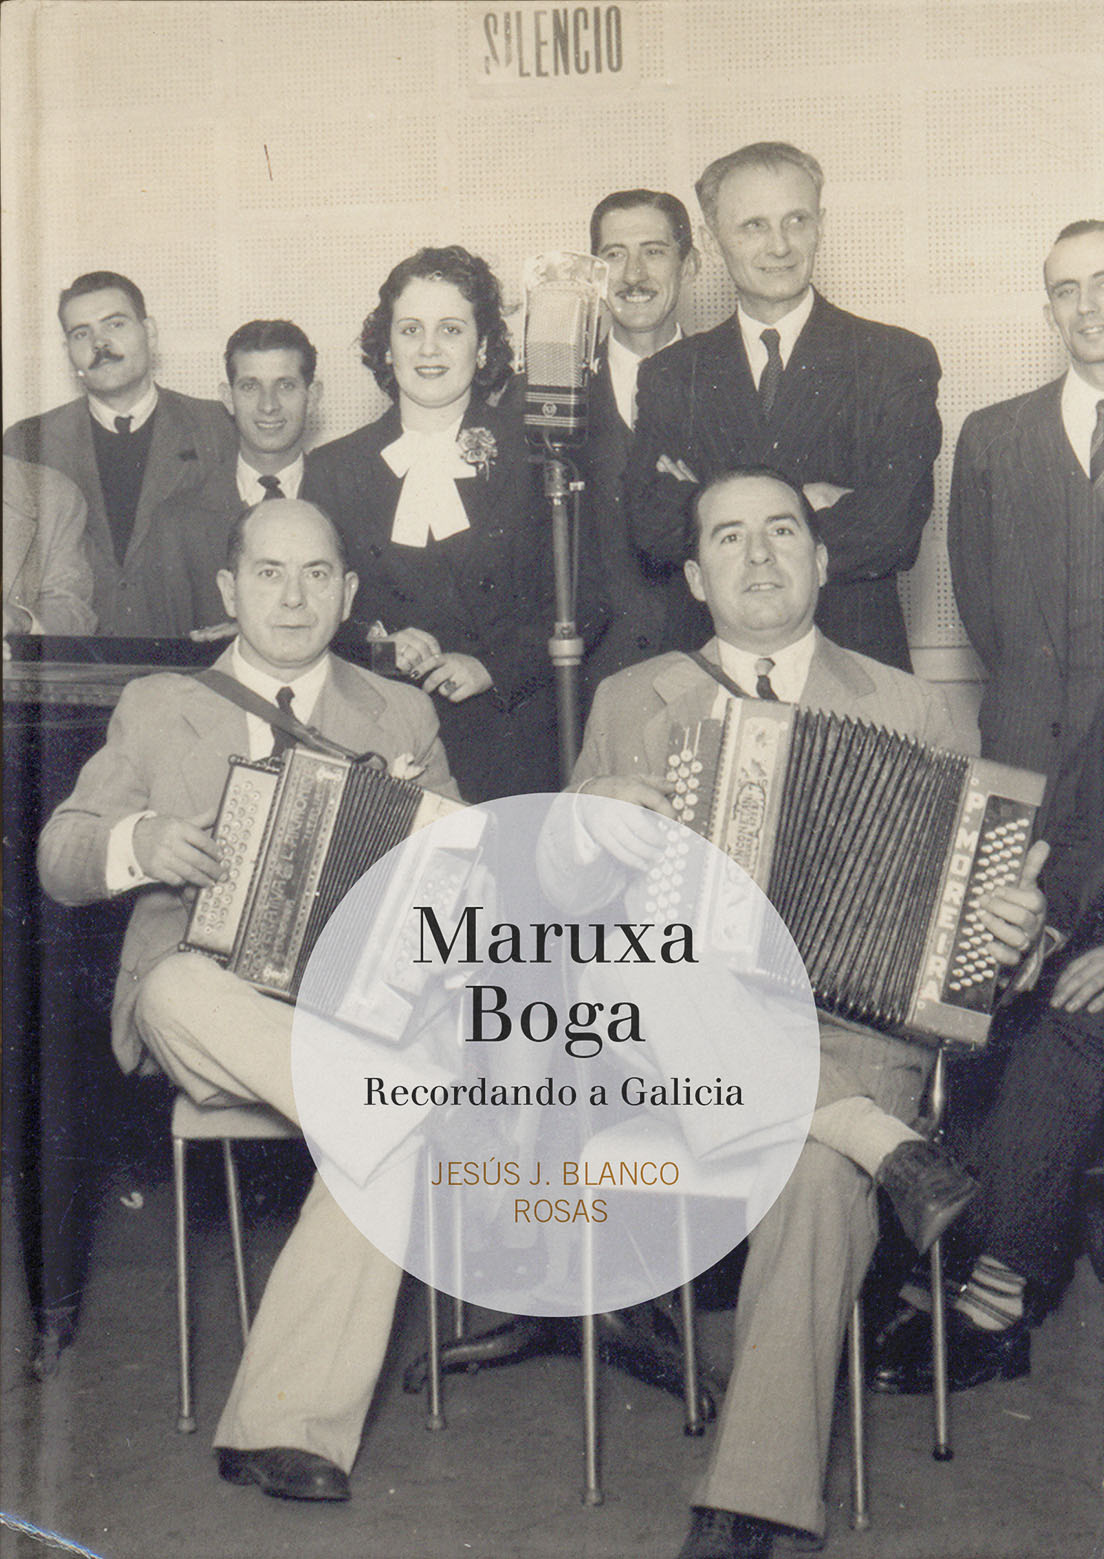 Maruxa Boga. Recordando a Galicia